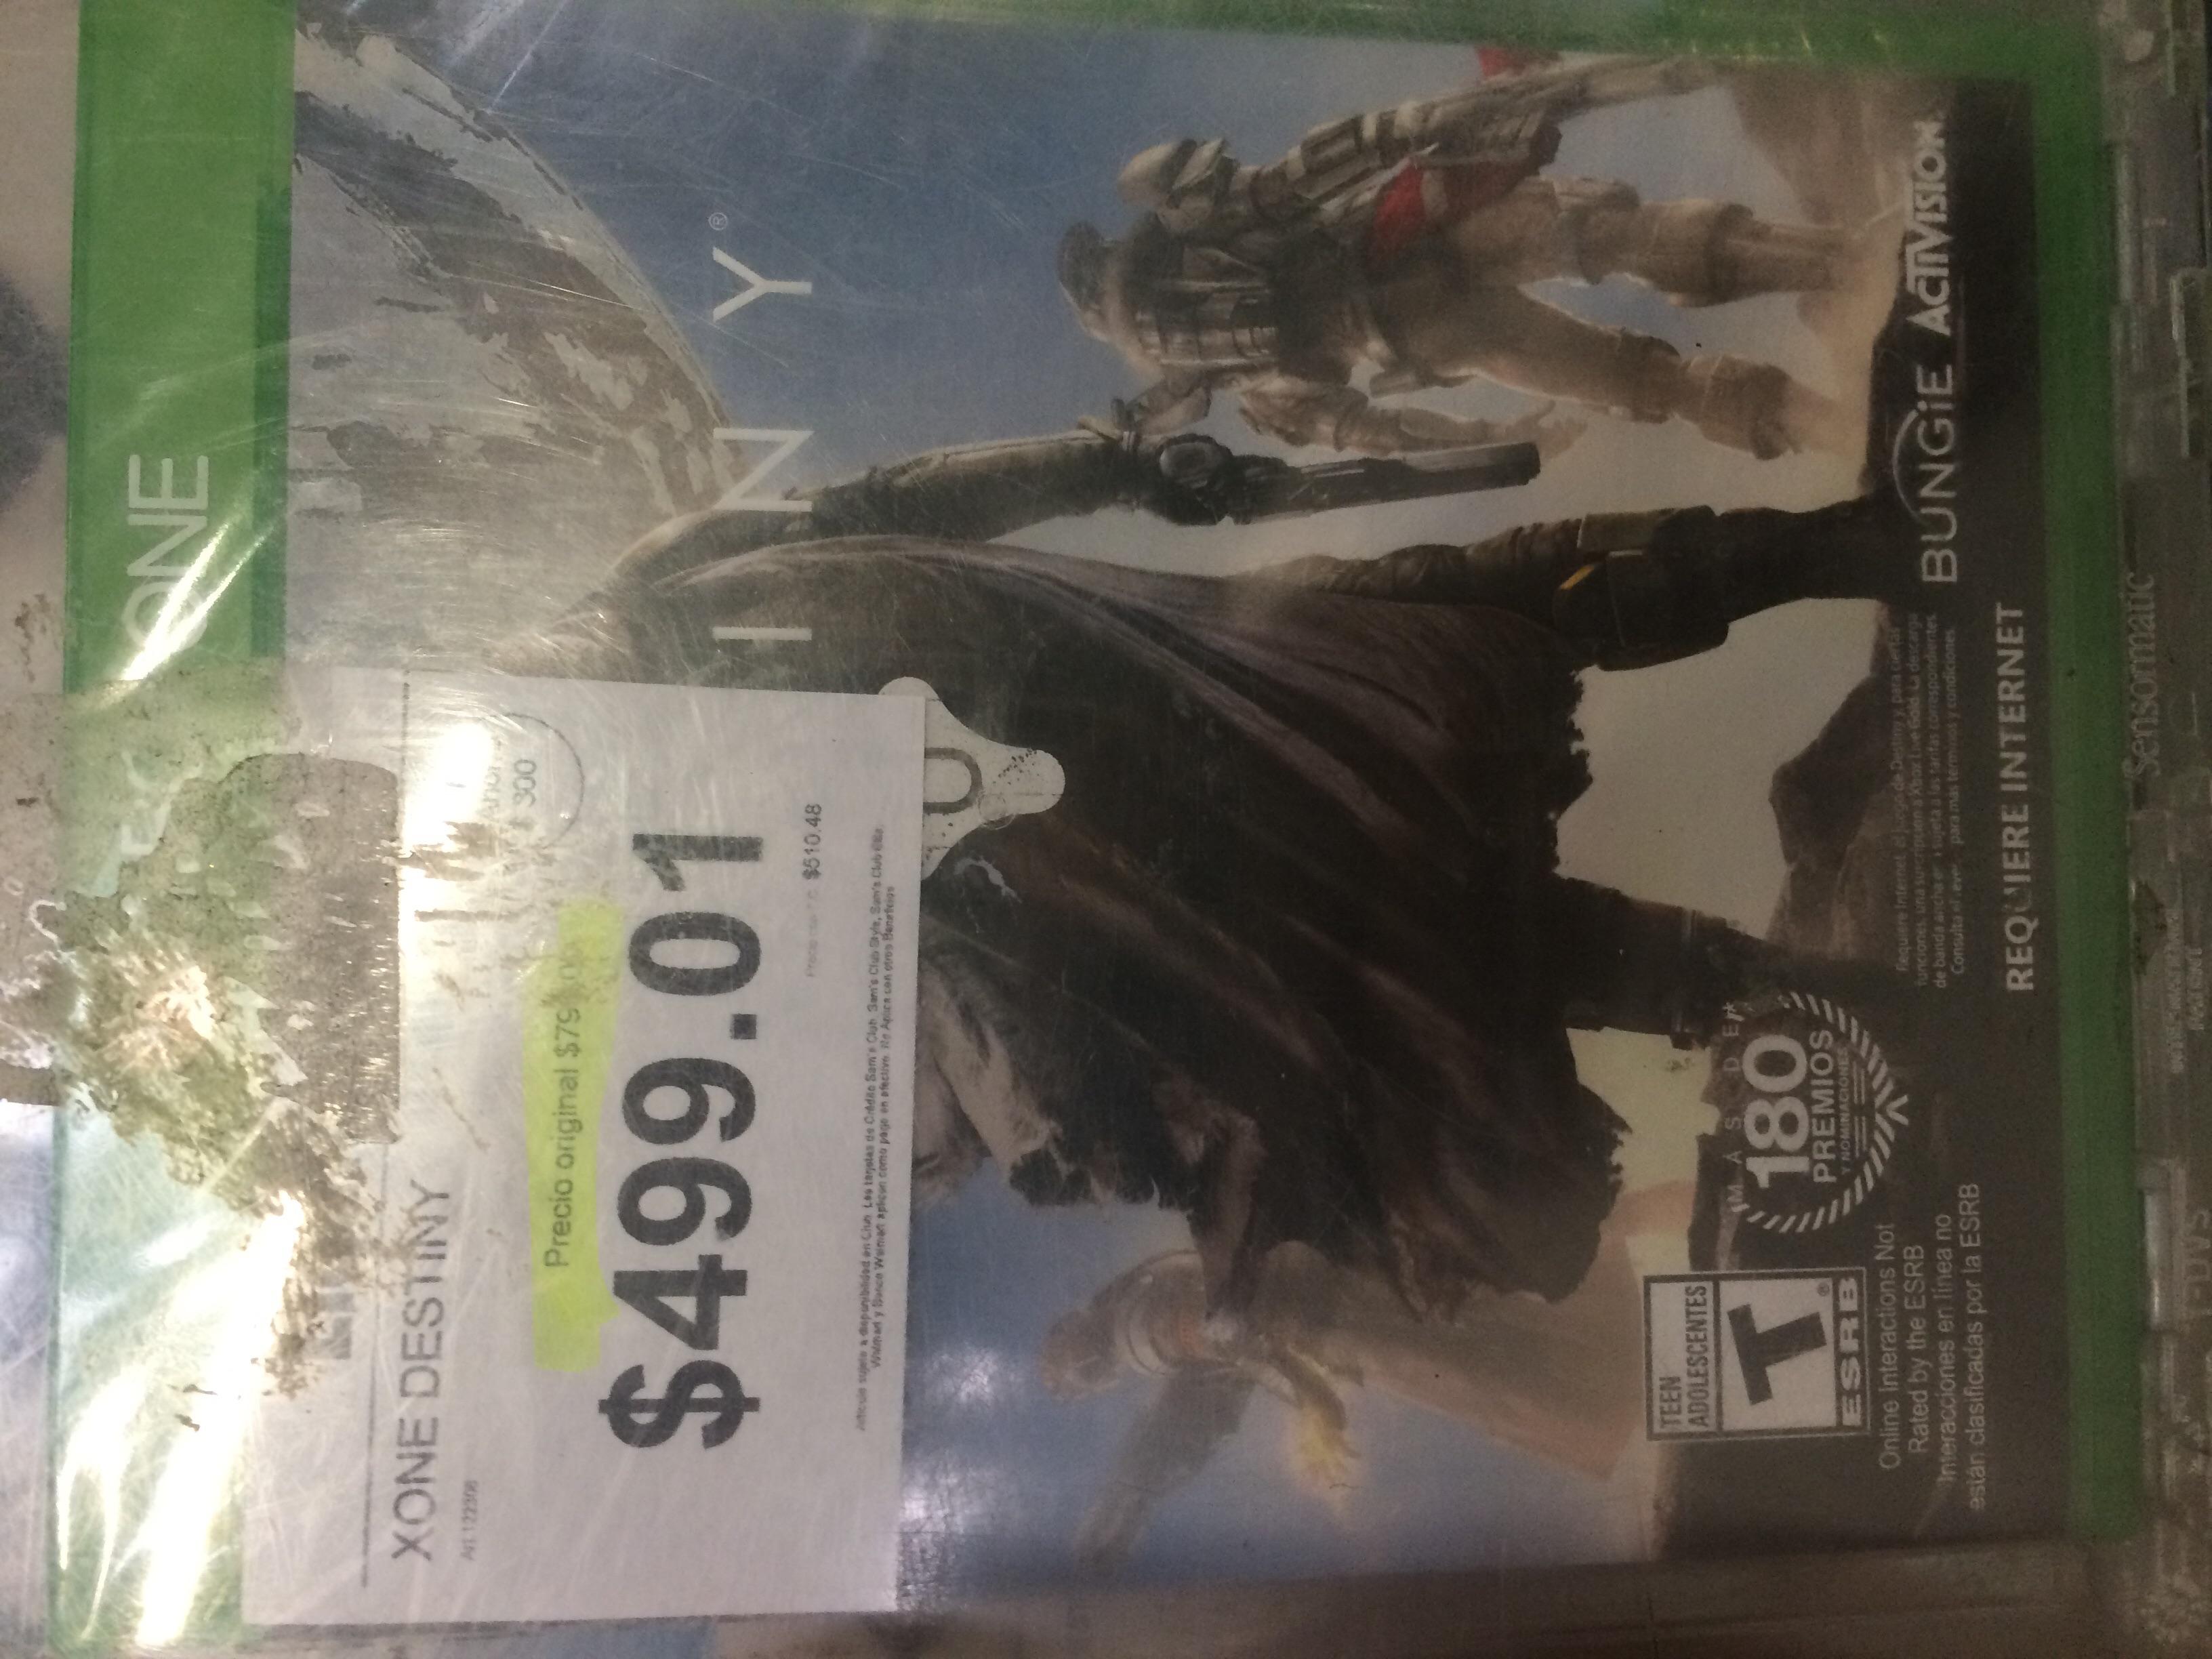 Sam's Club: Destiny para Xbox One, PS4, PS3 a $499